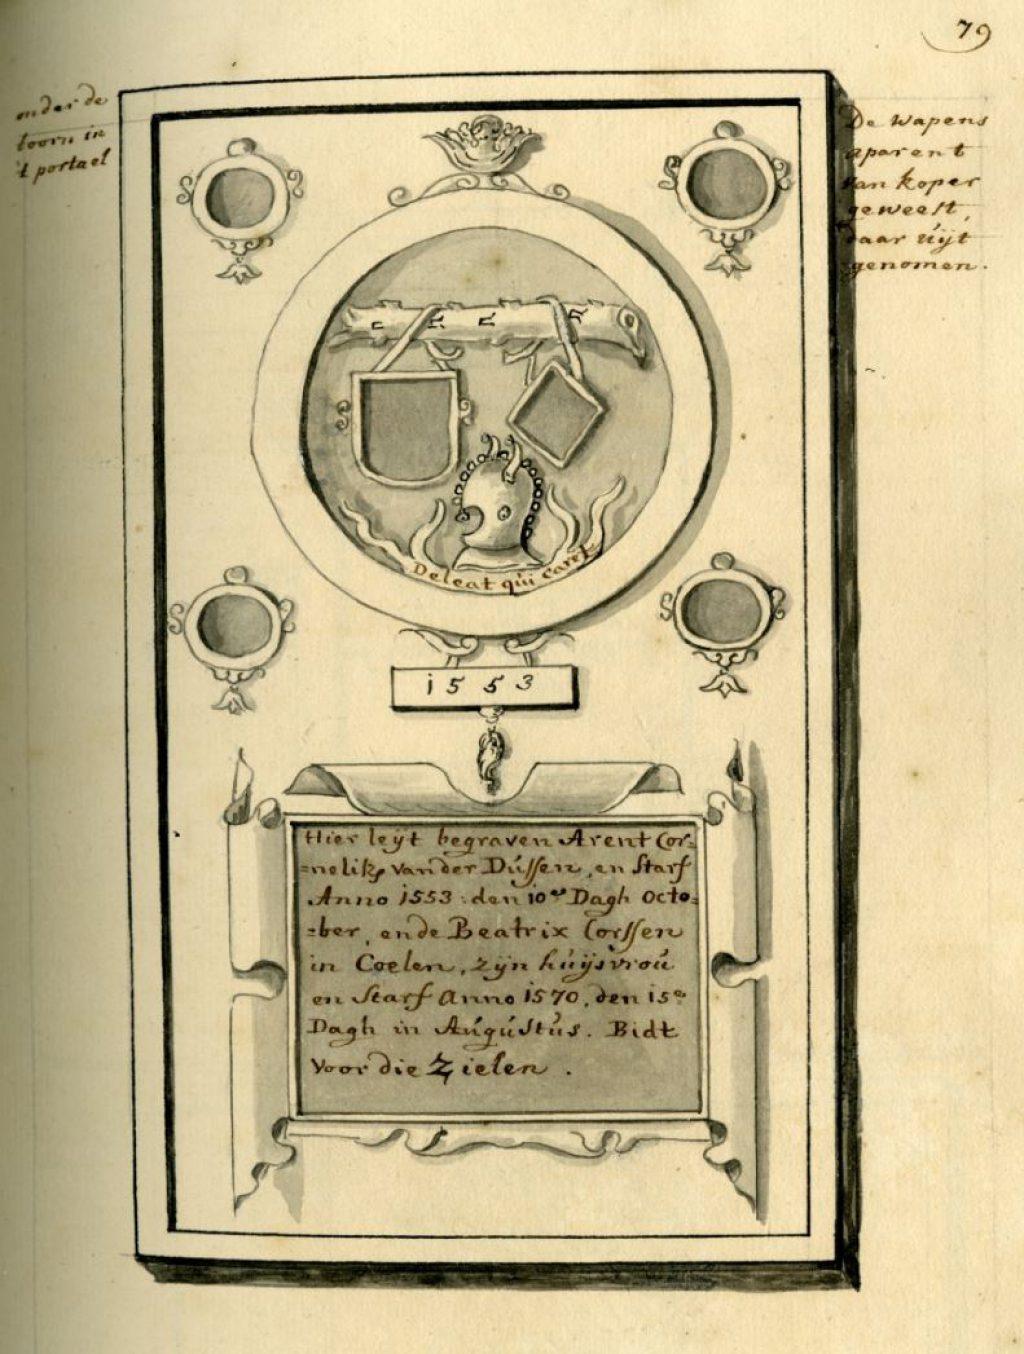 Bladzijde uit Collectio Monumentorum Sepulcralium met de grafsteen van Arent Cornelisz van der Dussen, overleden in 1553. (Archief 176, inv.nr 23)